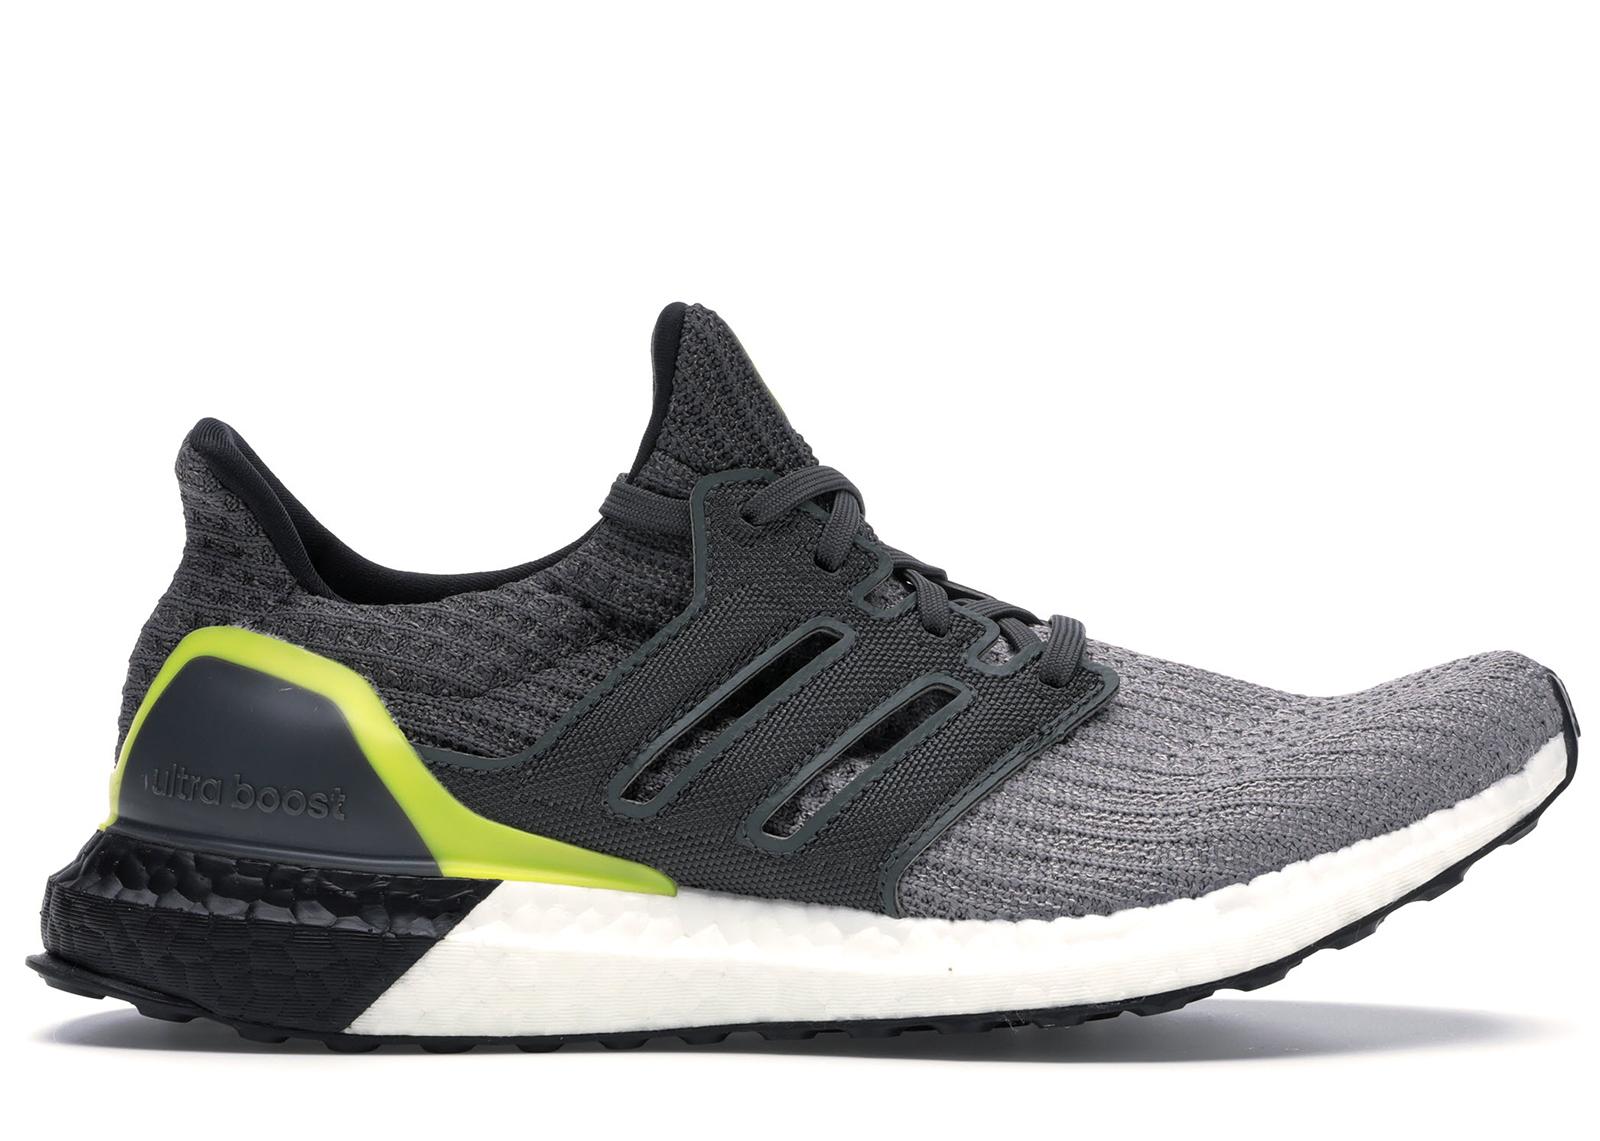 adidas Ultra Boost 4.0 Grey Black